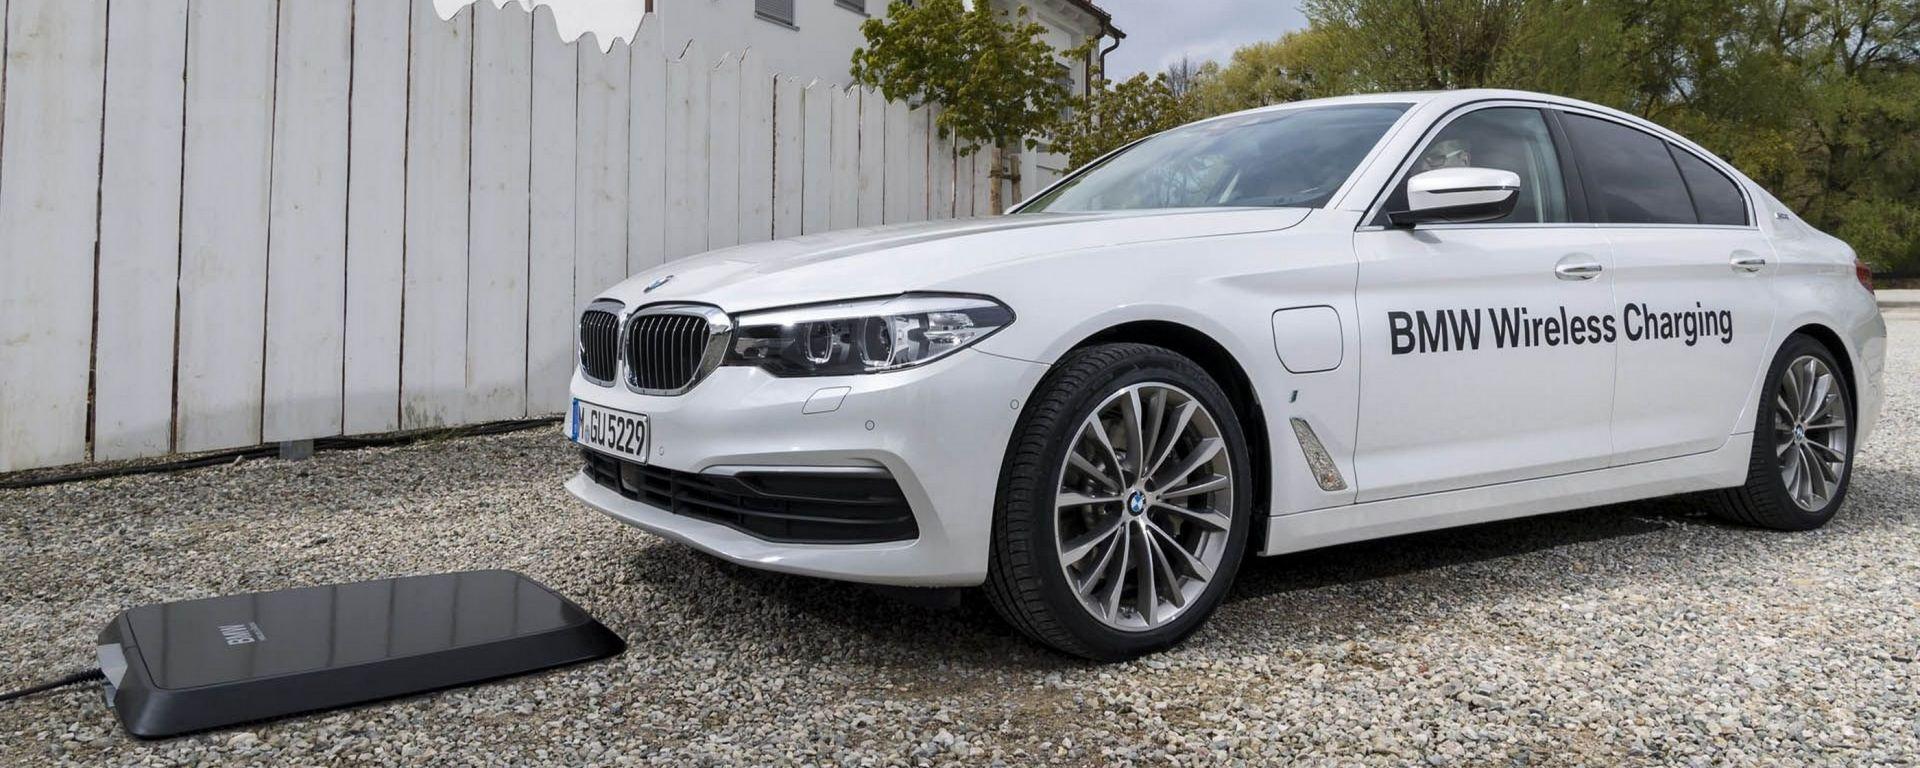 BMW 530e: la prima ibrida che si ricarica senza fili